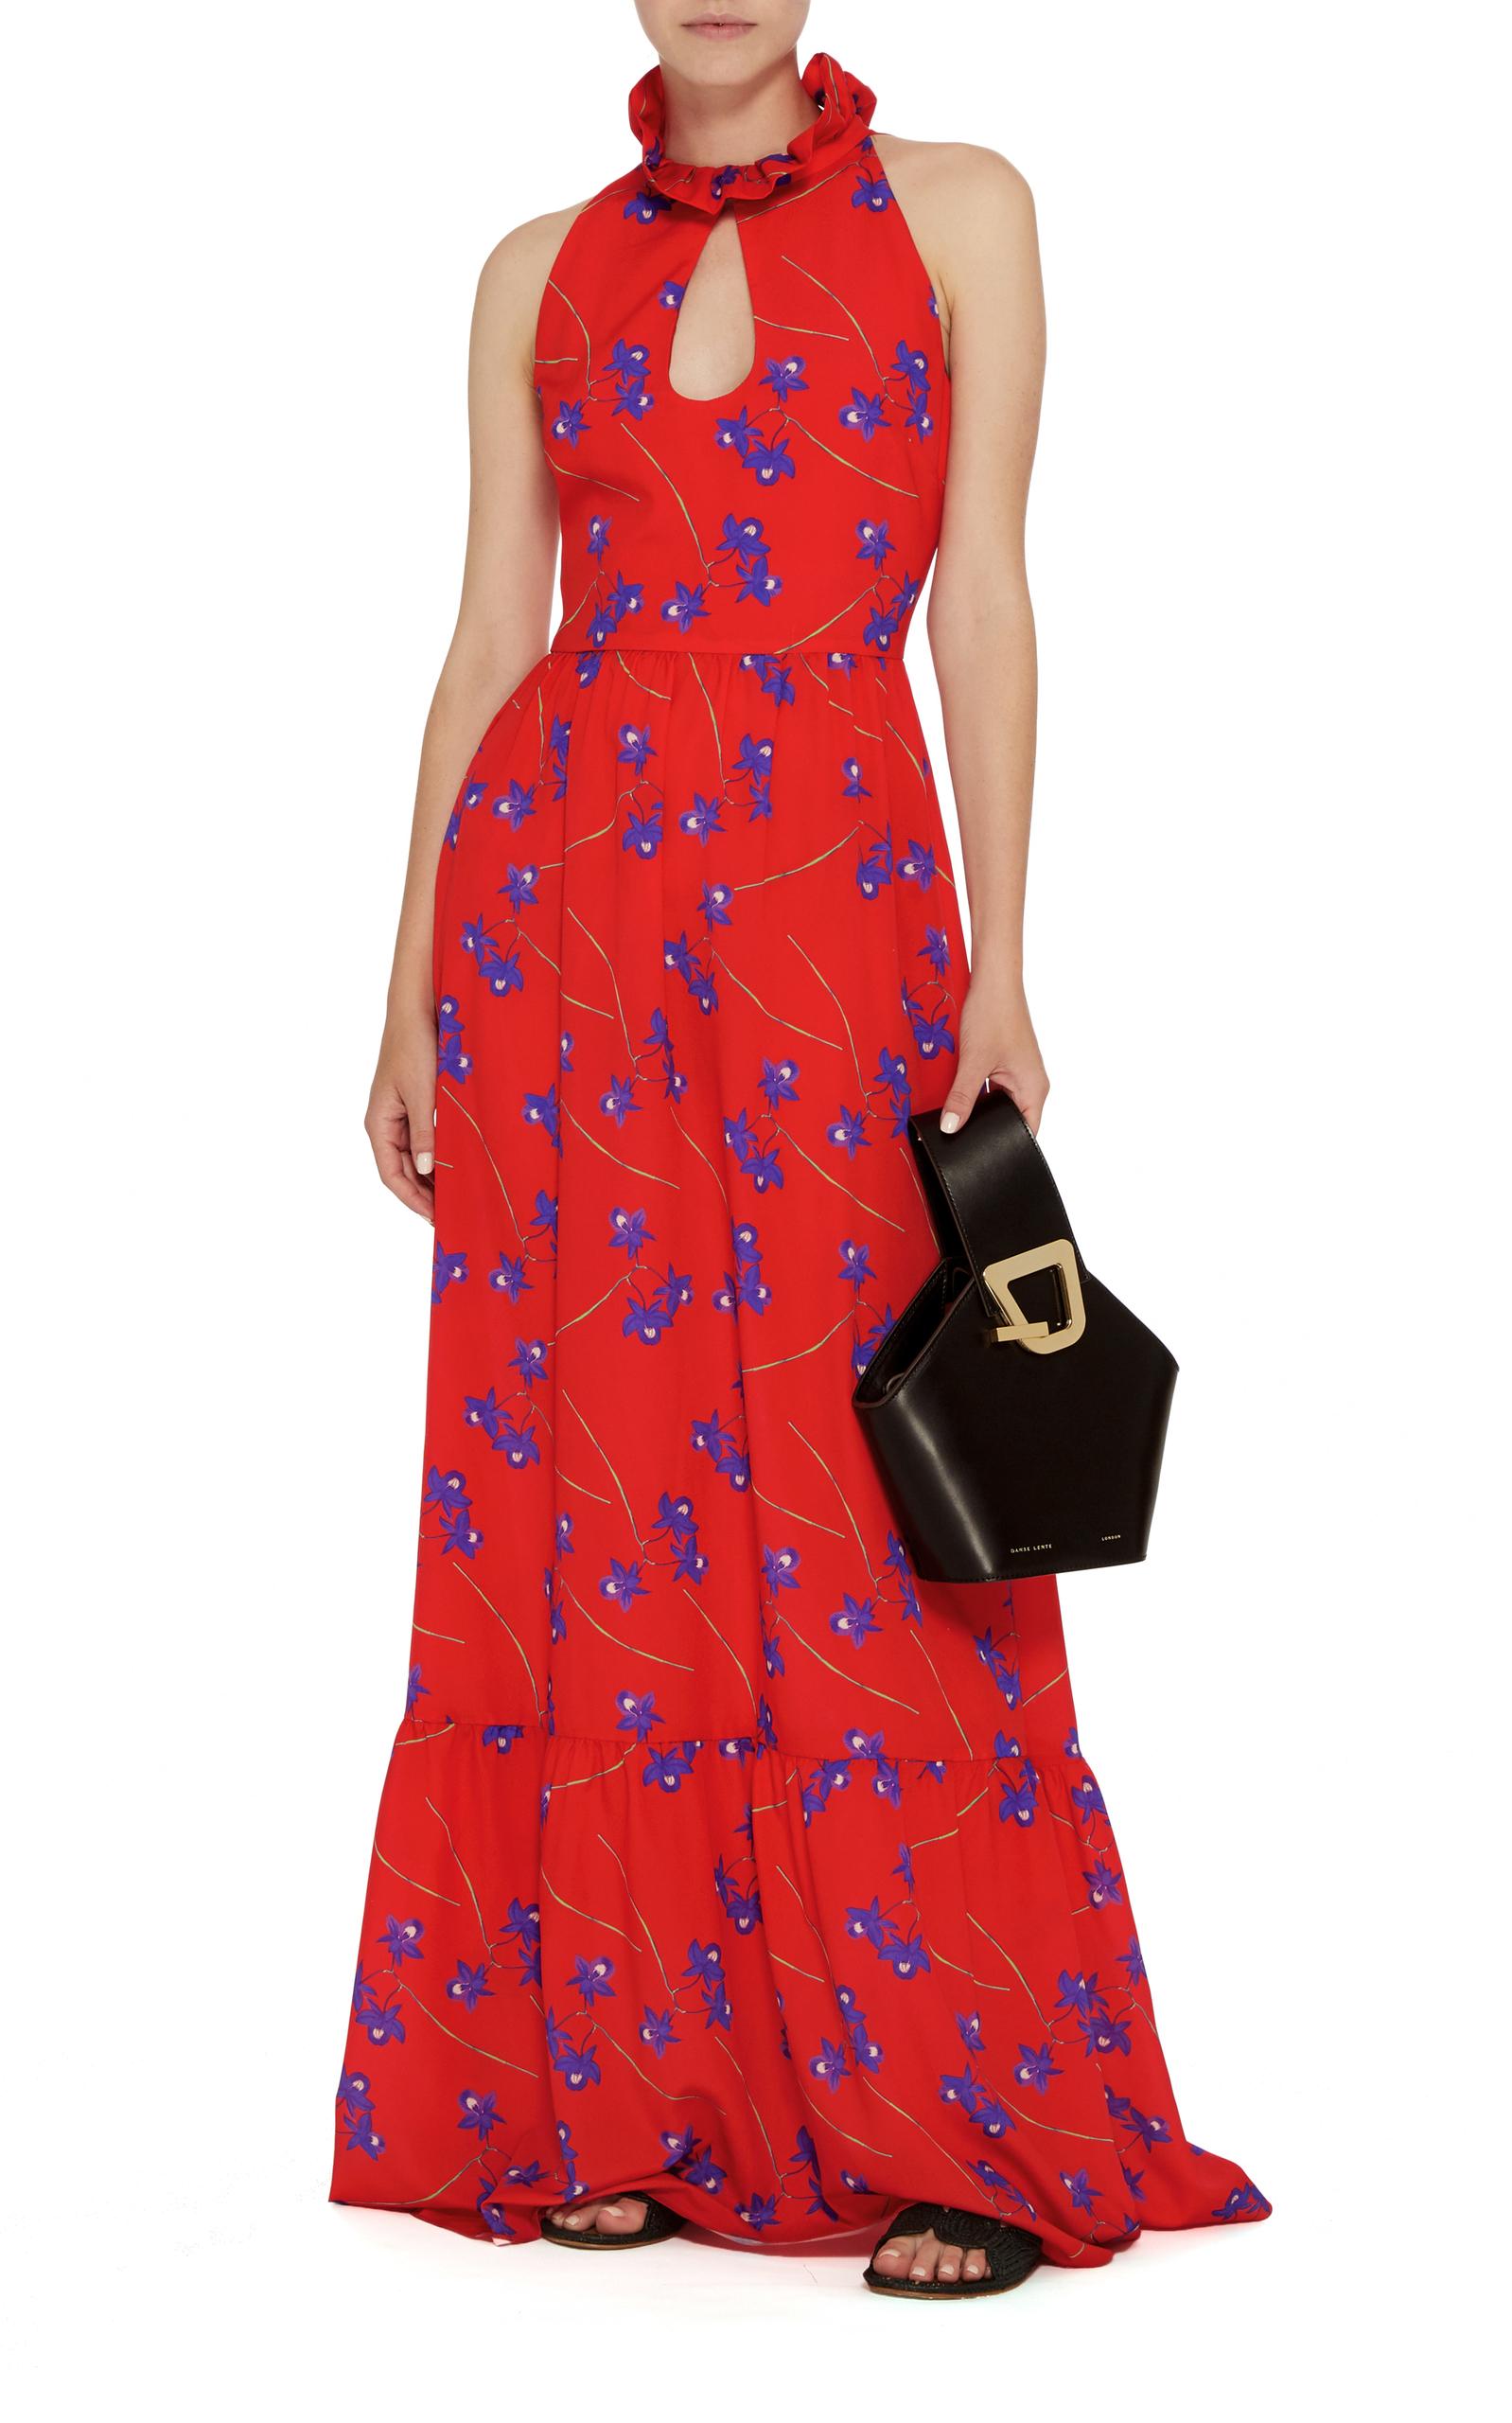 Leonora Frill Collar Dress Borgo De Nor oXFK02